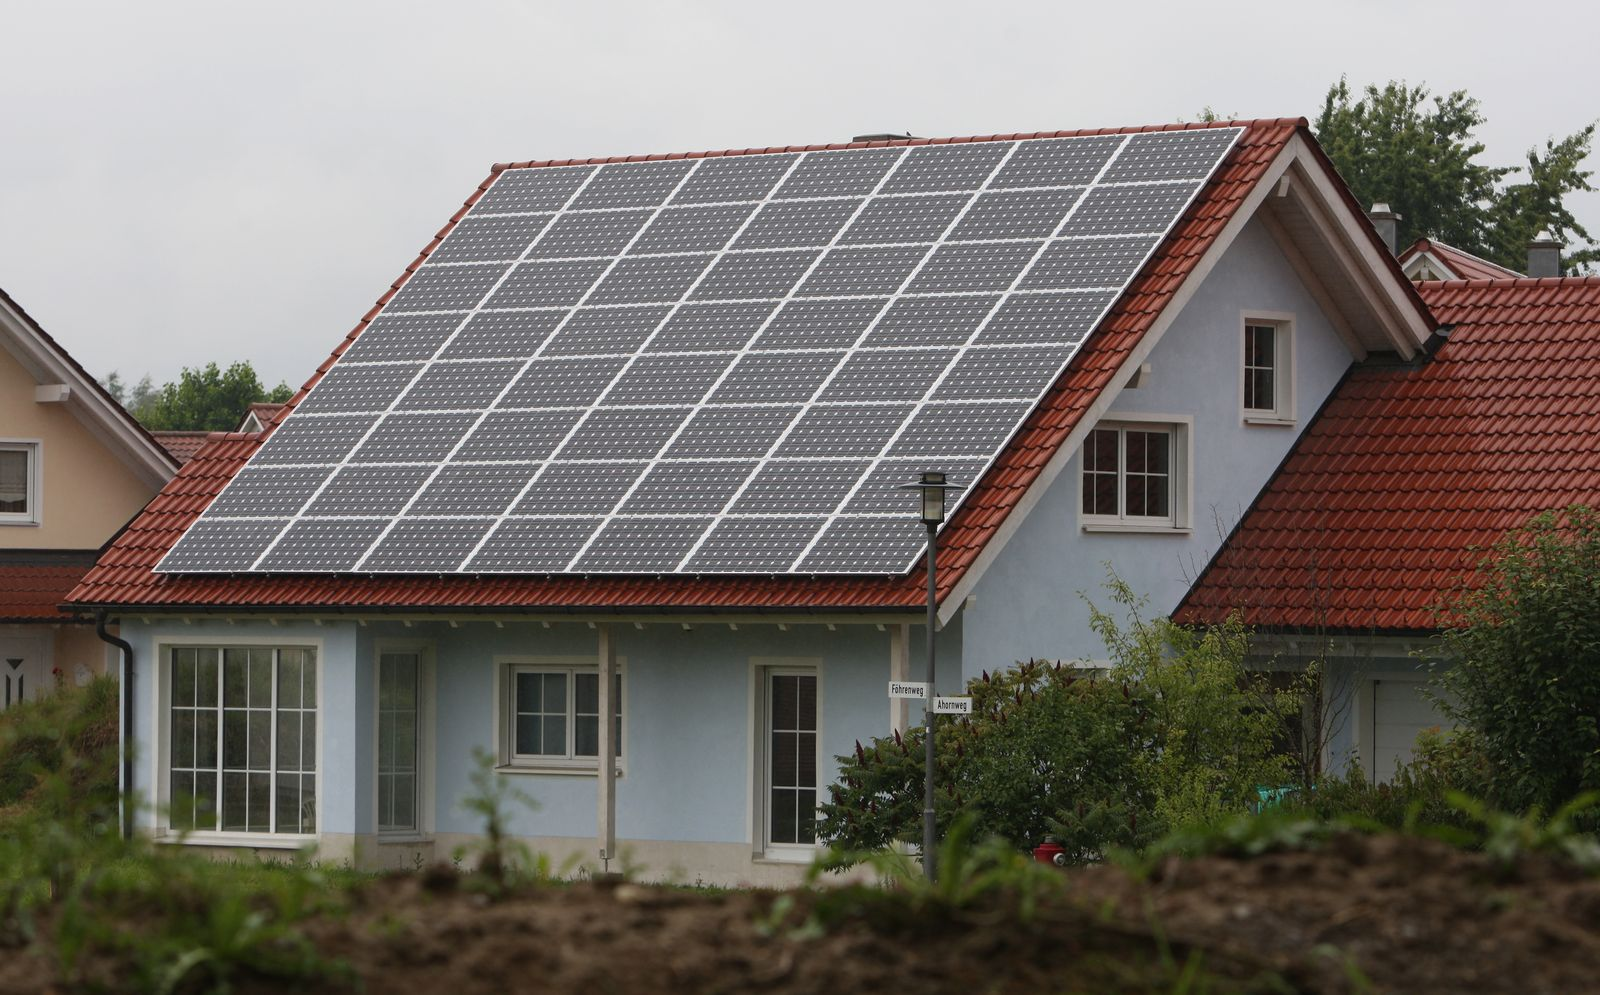 Solarförderung wird gekürzt